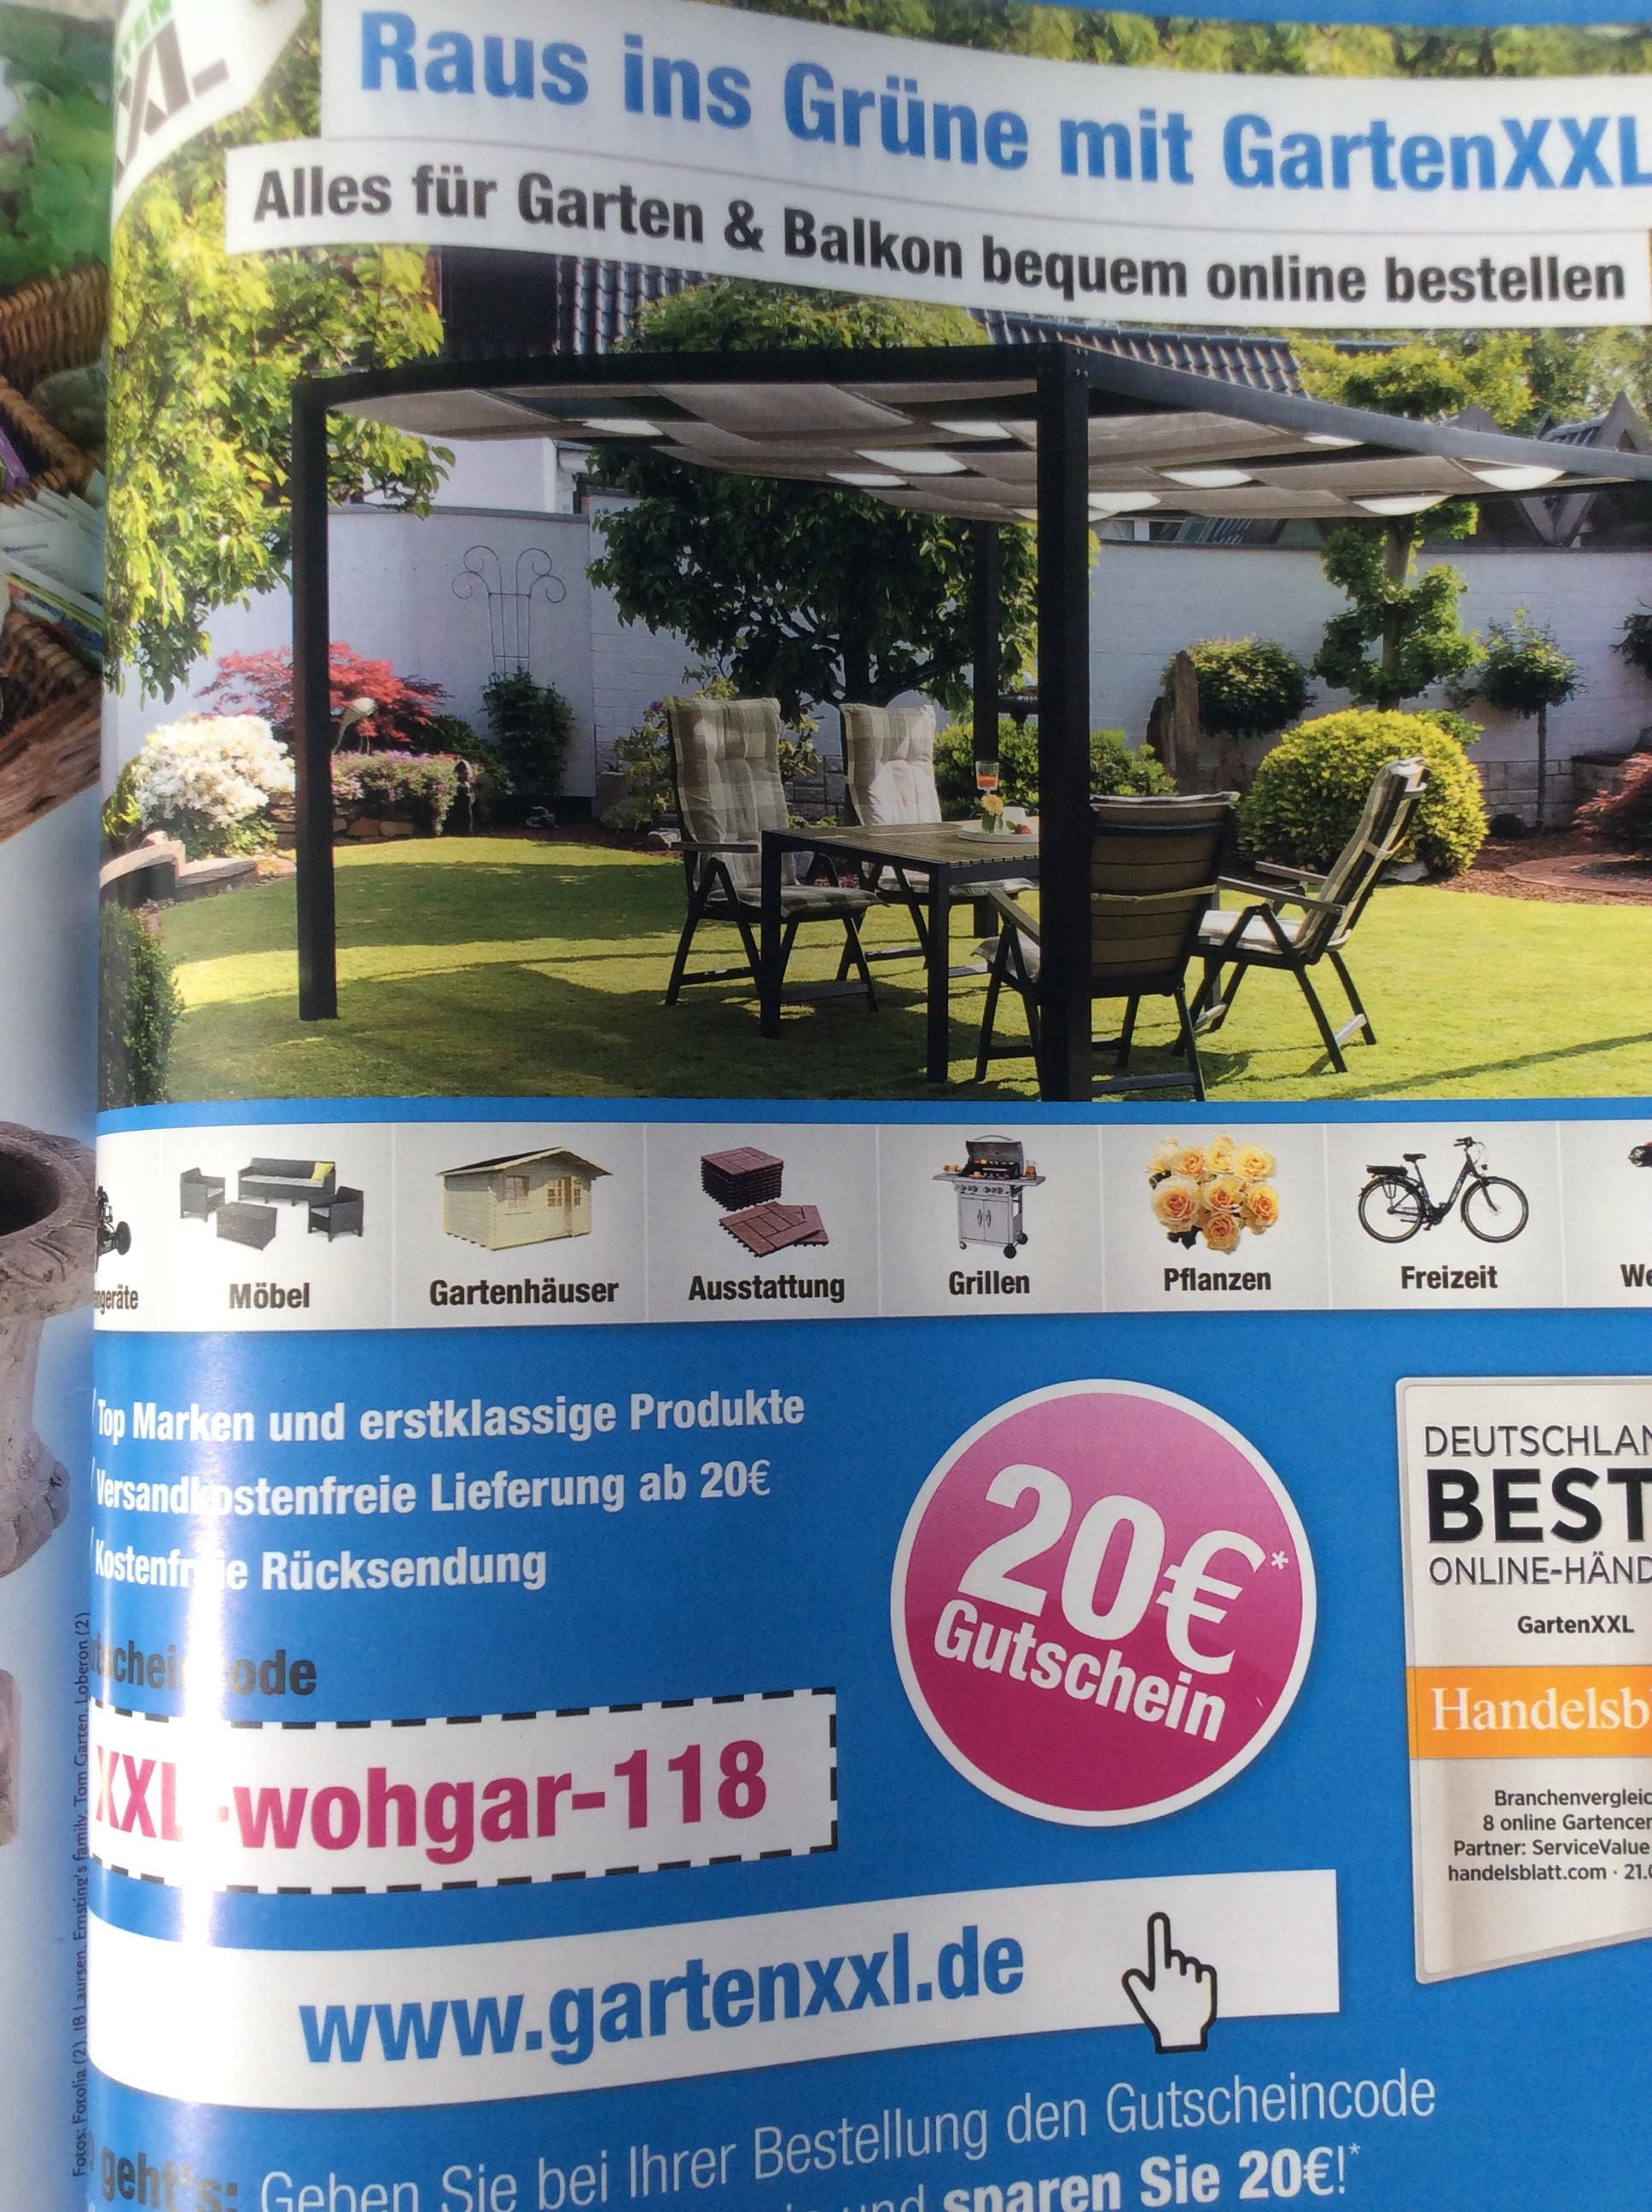 (Garten XXL) Gutschein über € 20 bei einem MBW von 150,-